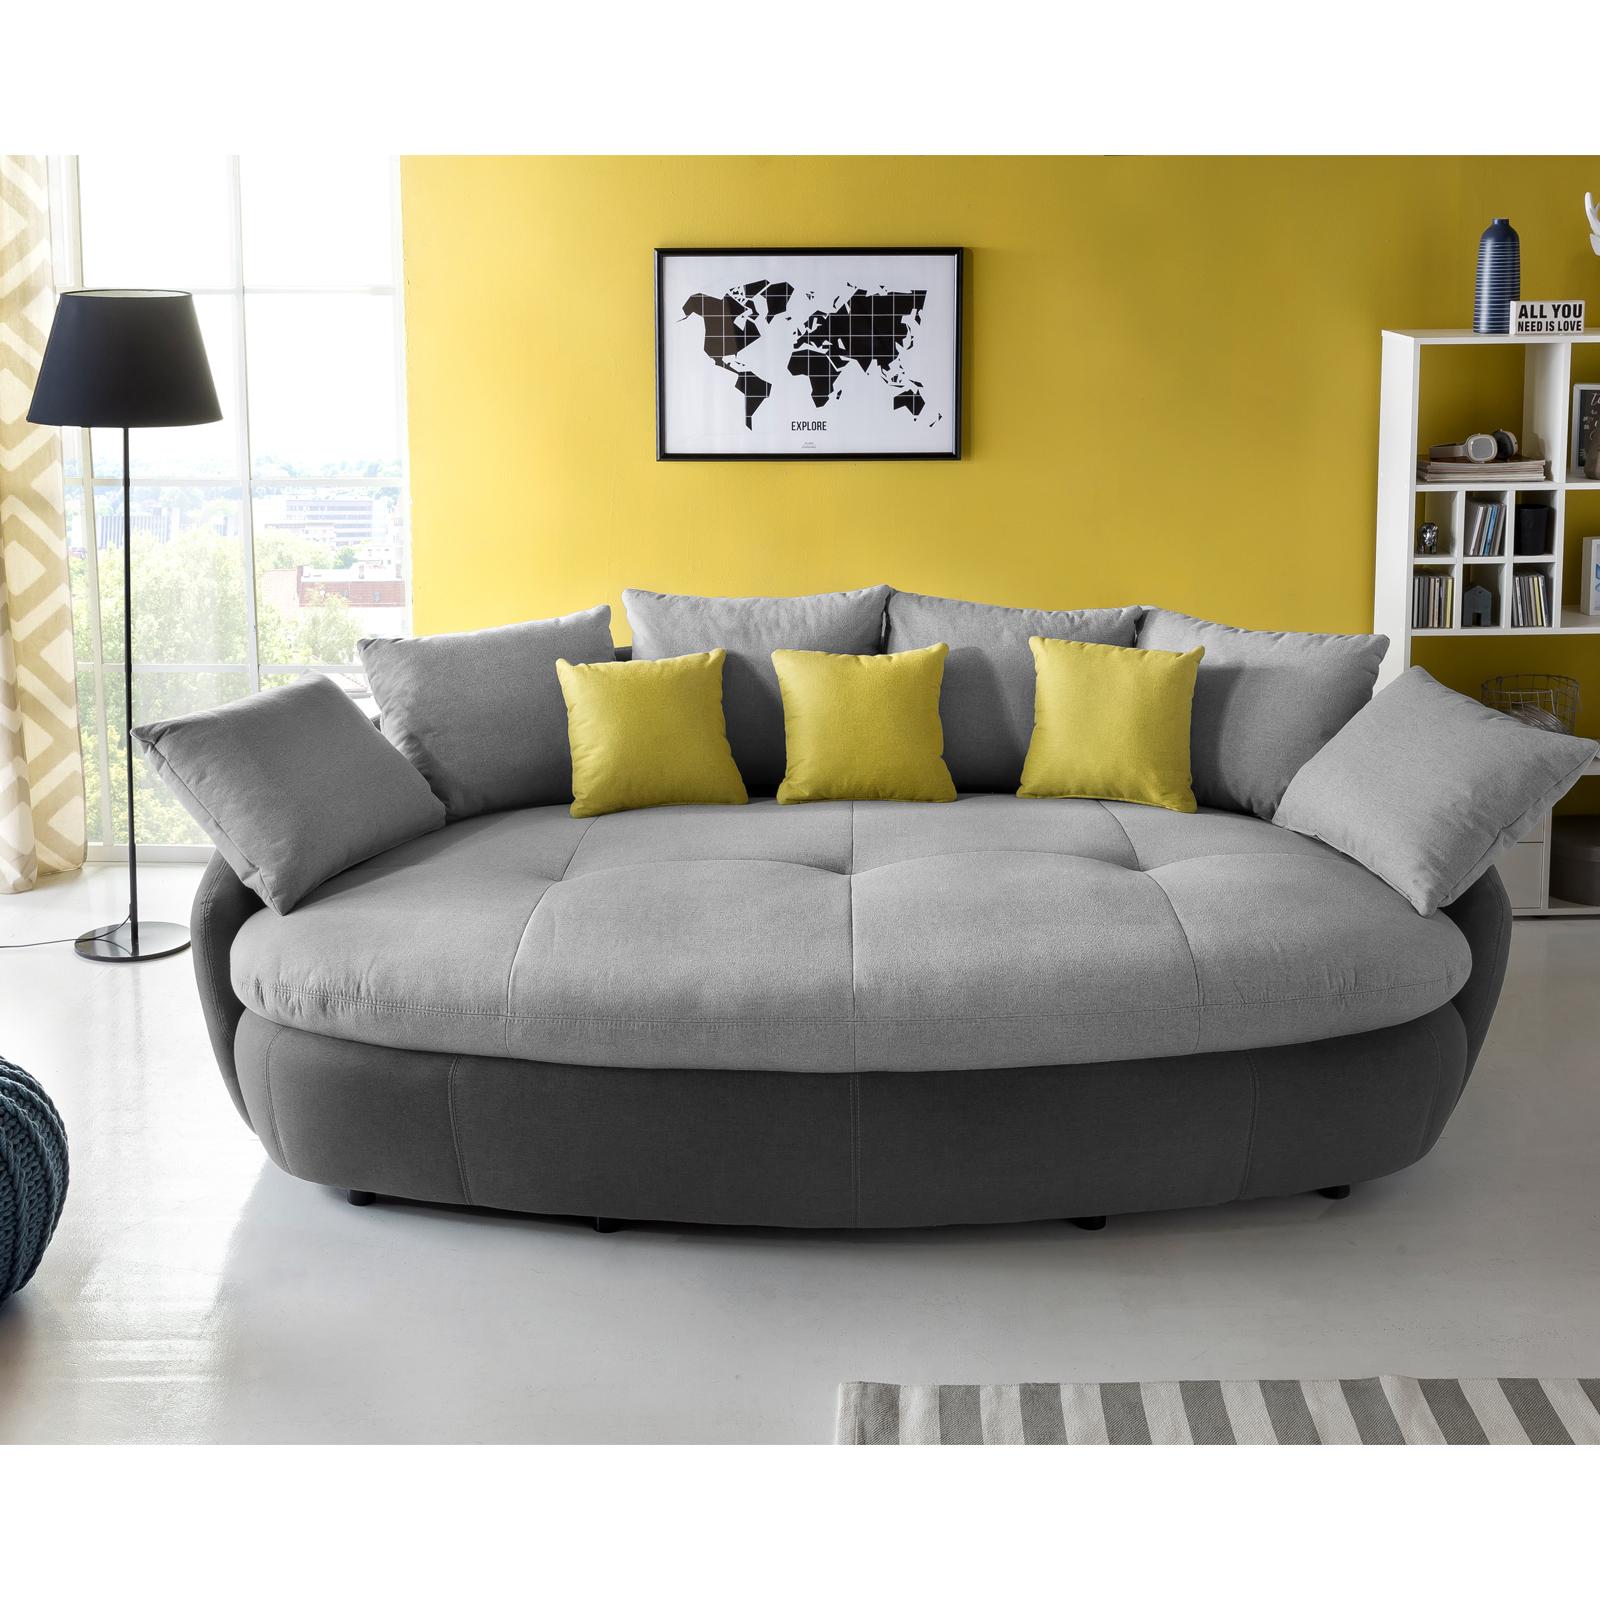 Miraculous Big Sofa Hellgrau Dunkelgrau Mit Kissen Machost Co Dining Chair Design Ideas Machostcouk